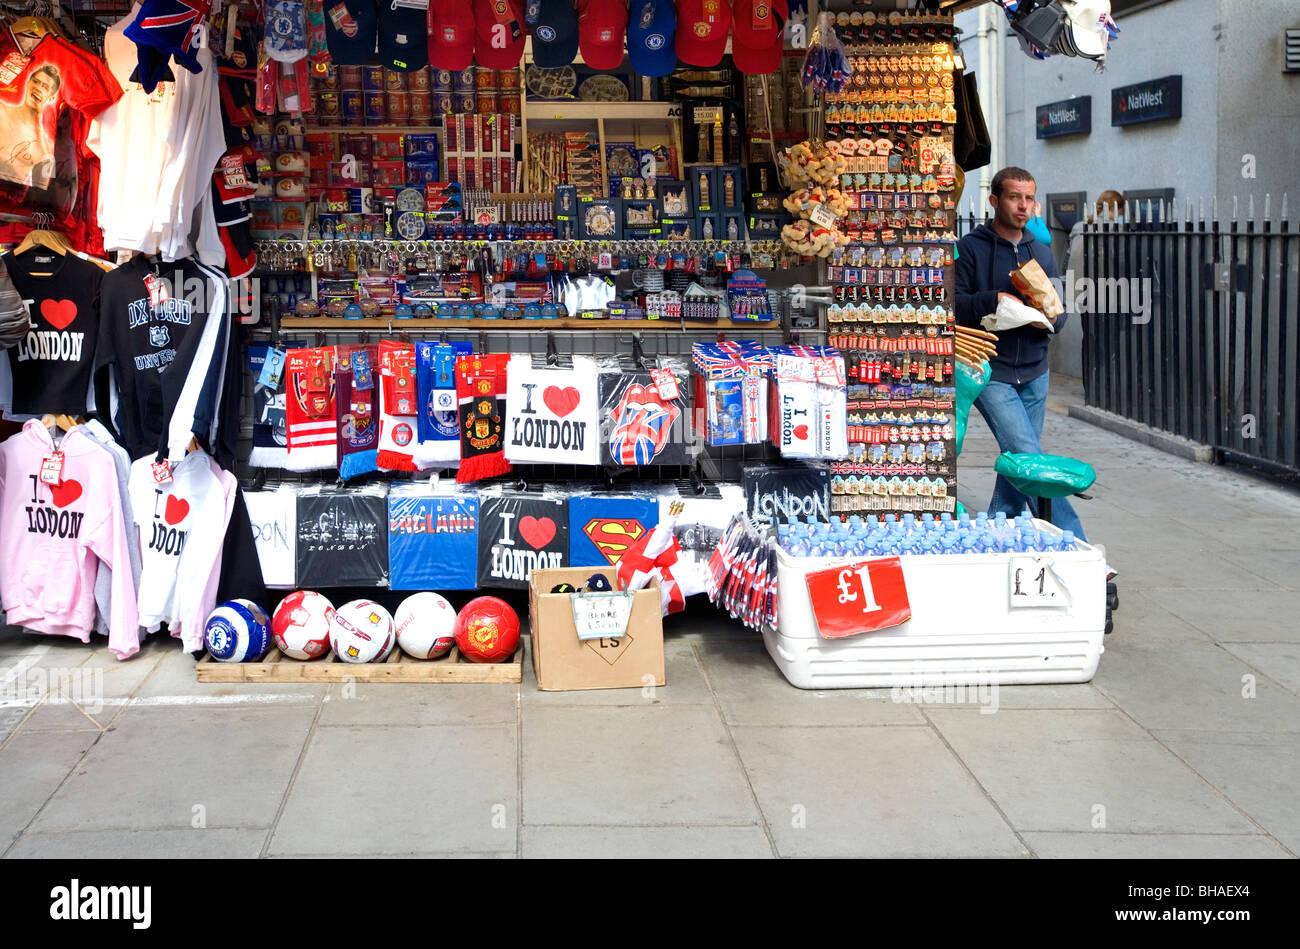 Souvenir stall, Oxford Street, London, England, UK, Europe Stock Photo